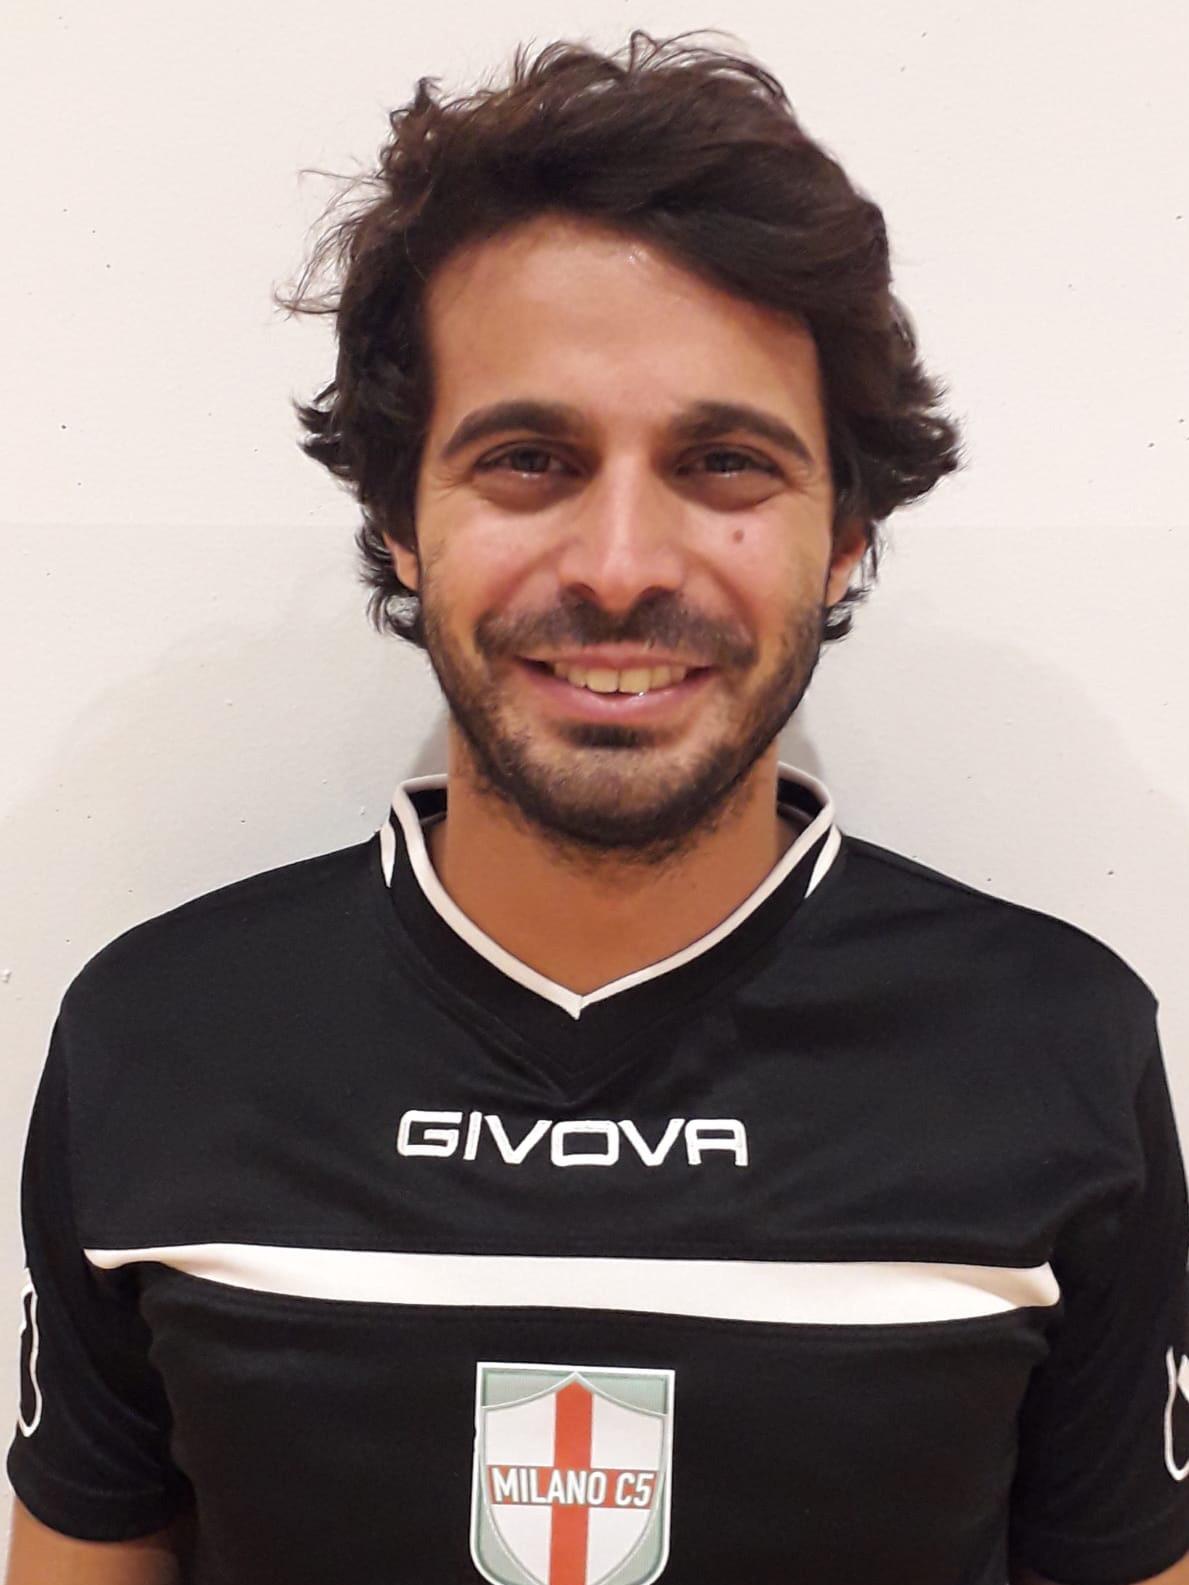 Luca Peverini